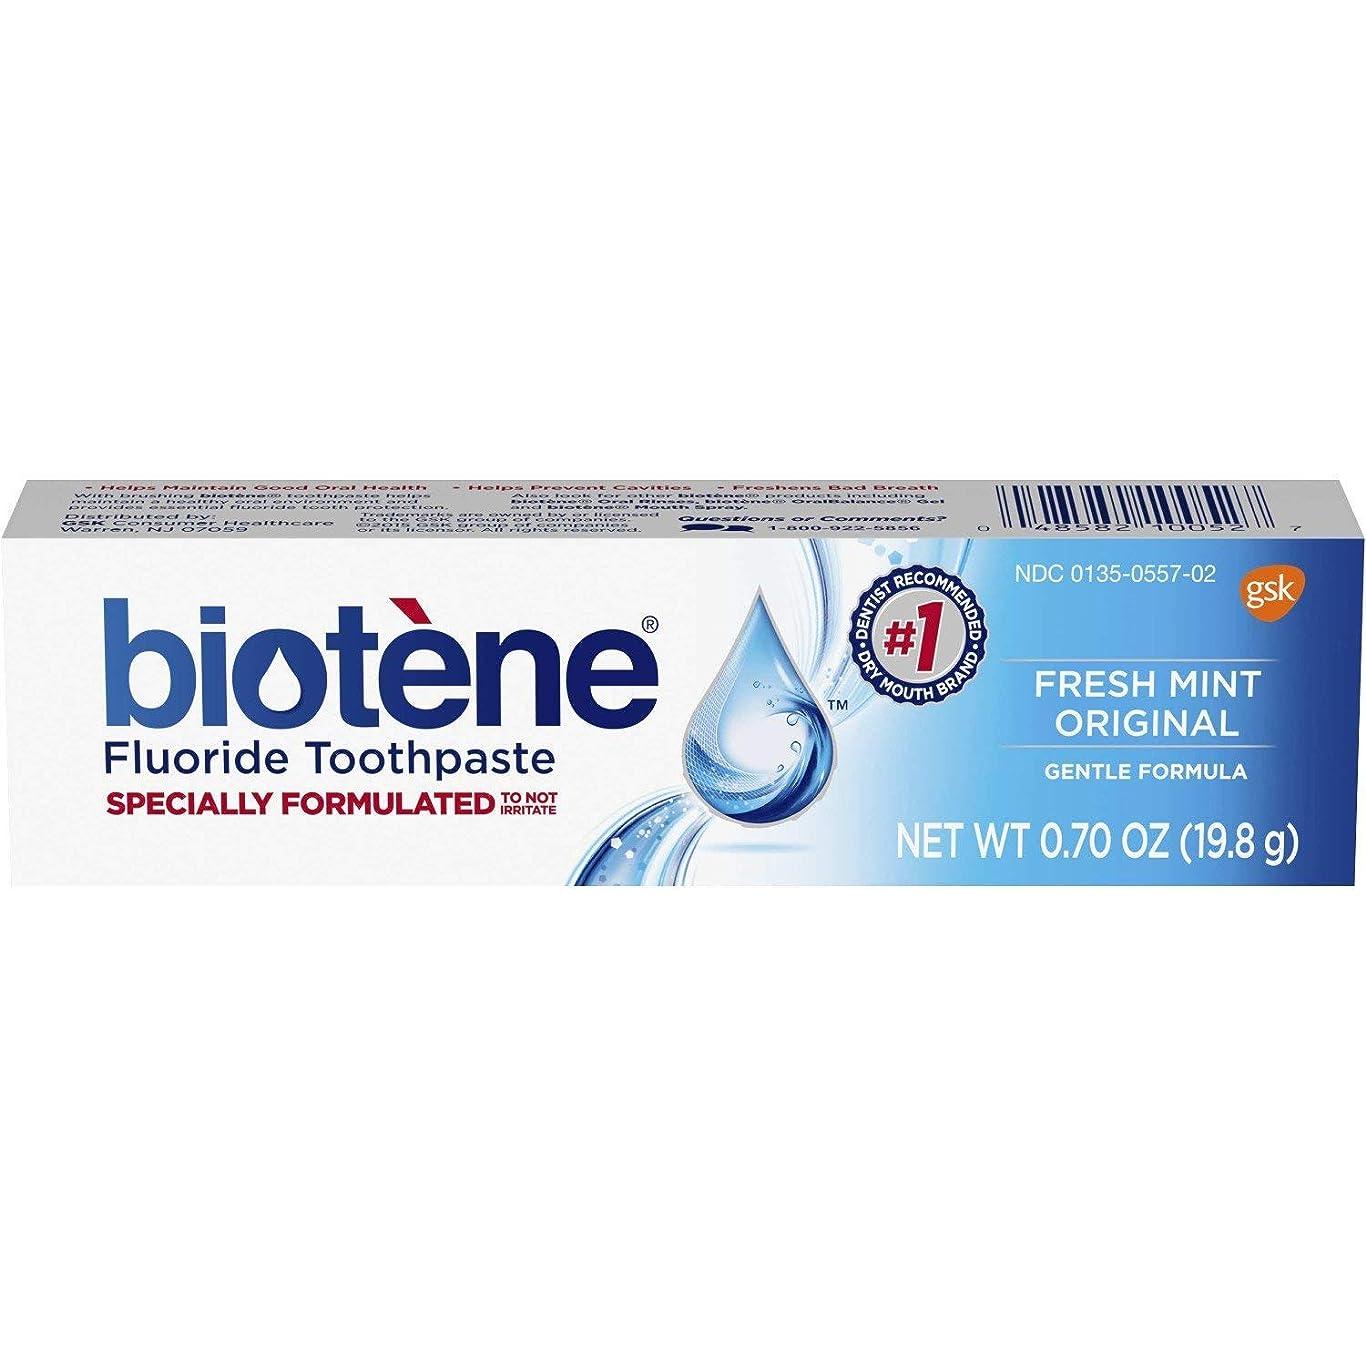 権利を与える前提反対するBiotène フッ化物歯磨き粉、フレッシュミントオリジナル、チューブあたり0.7オンス(2本のチューブ)